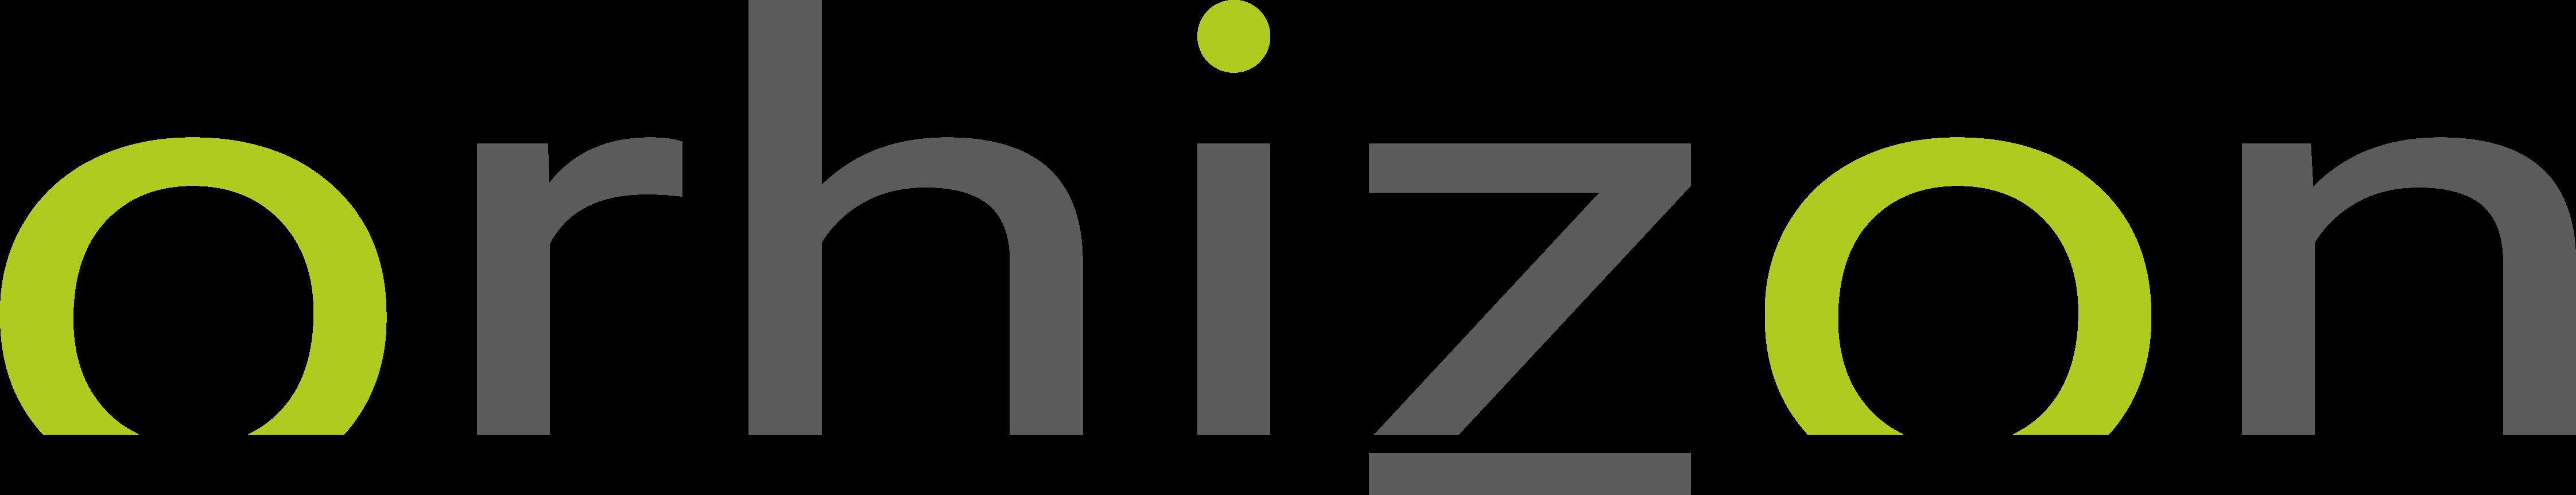 Orhizon logo